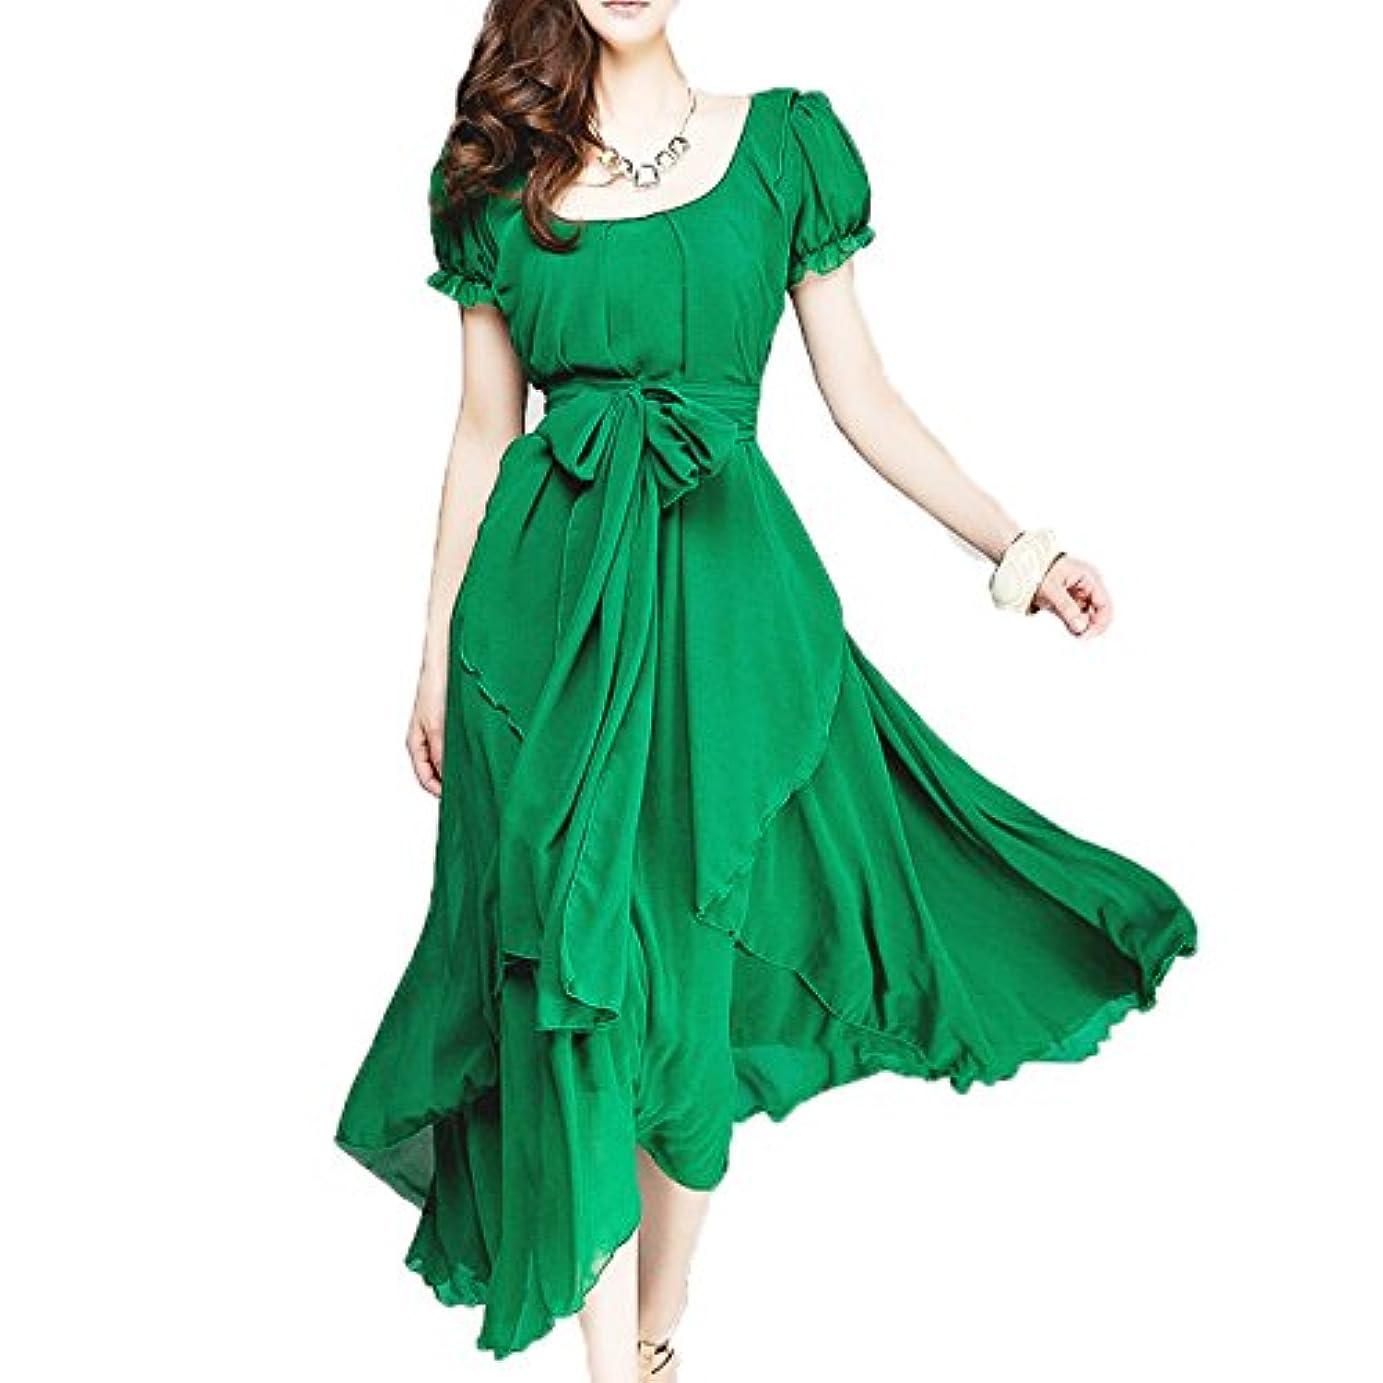 直径絶滅した警告[ココチエ] フォーマル ワンピース ドレス ロング ふんわり シフォン ベルト 半袖 袖あり ブラック レッド グリーン